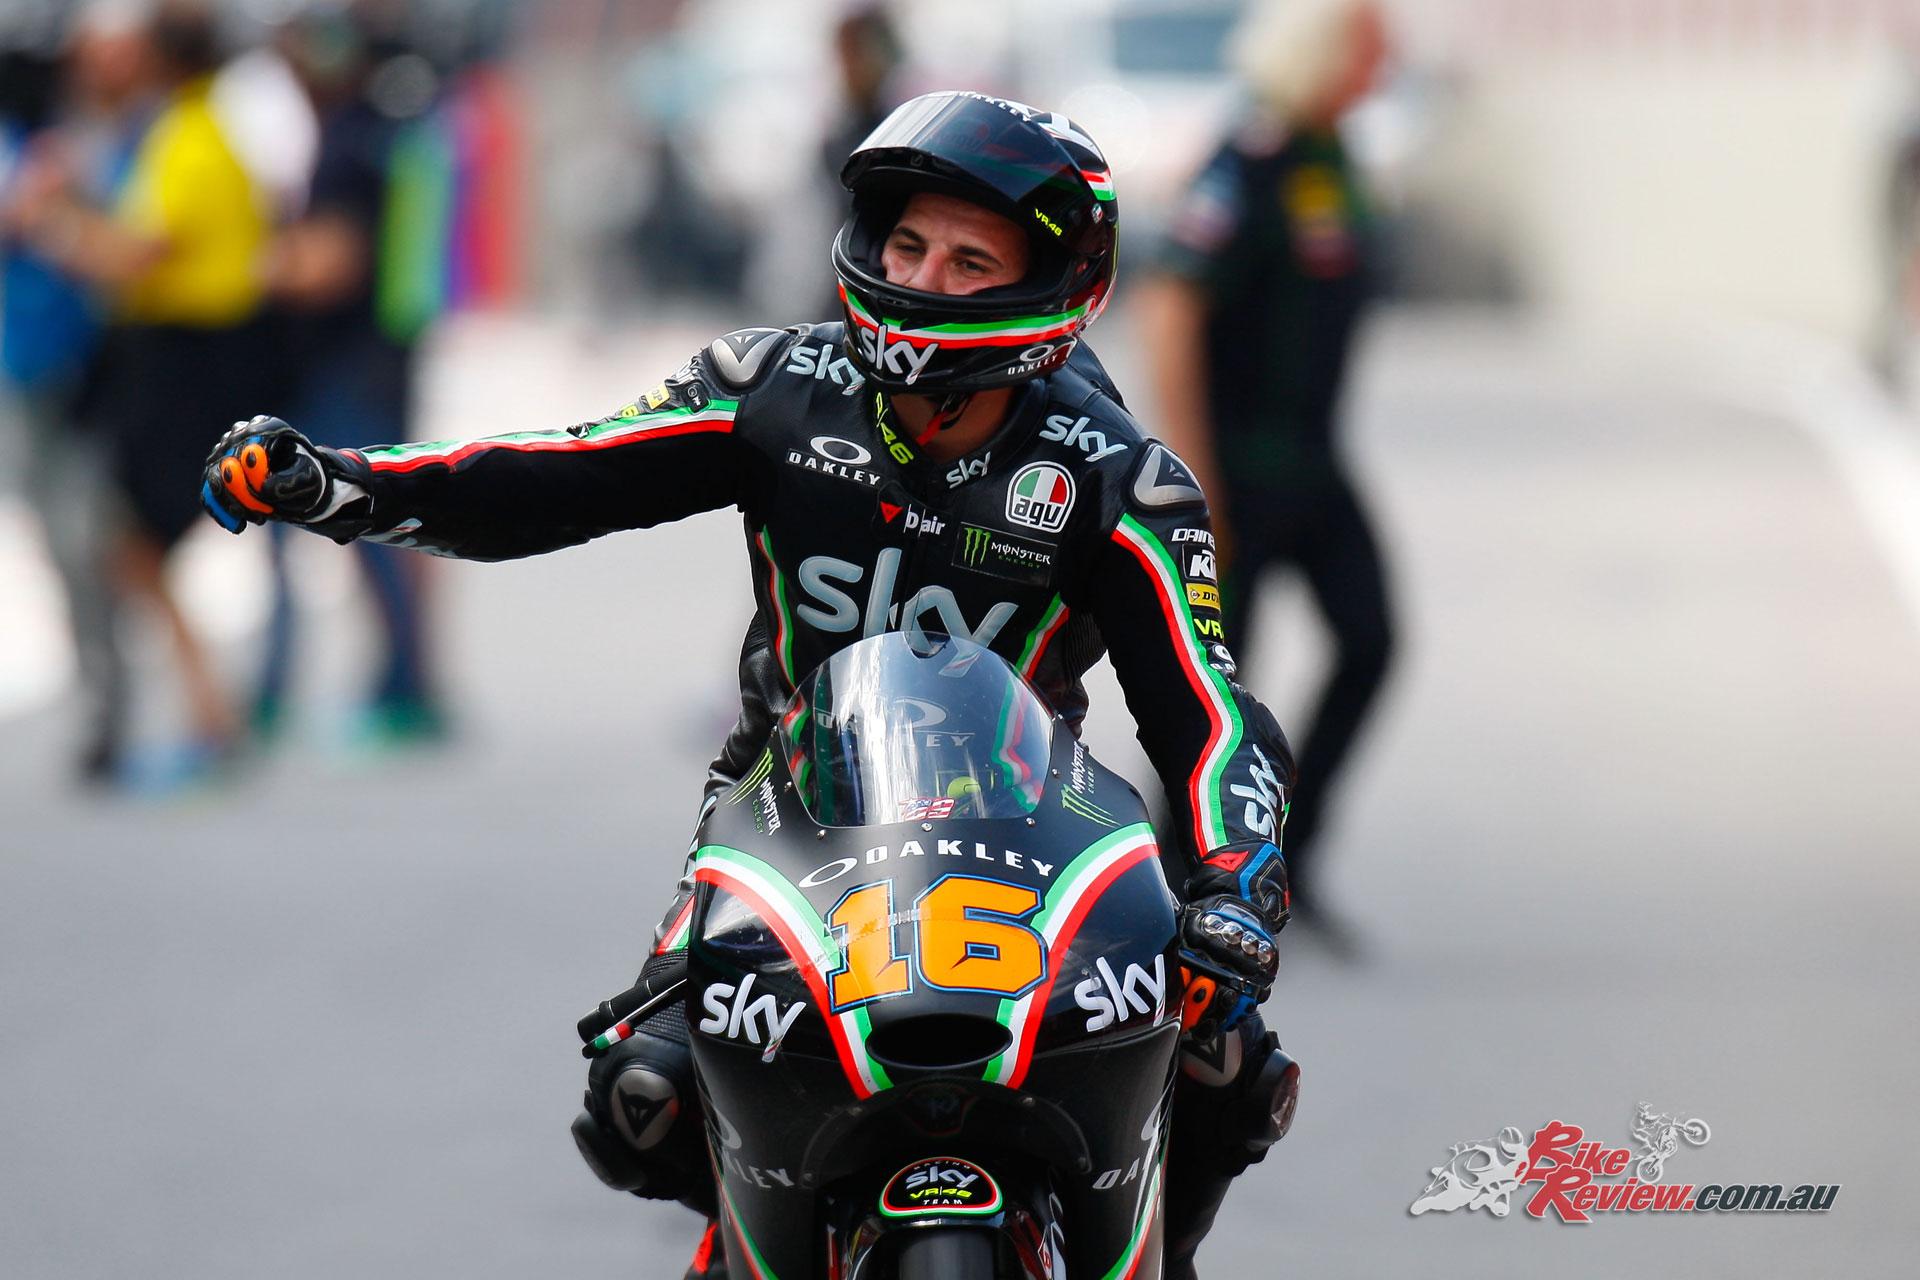 Moto3 - Andrea Migno